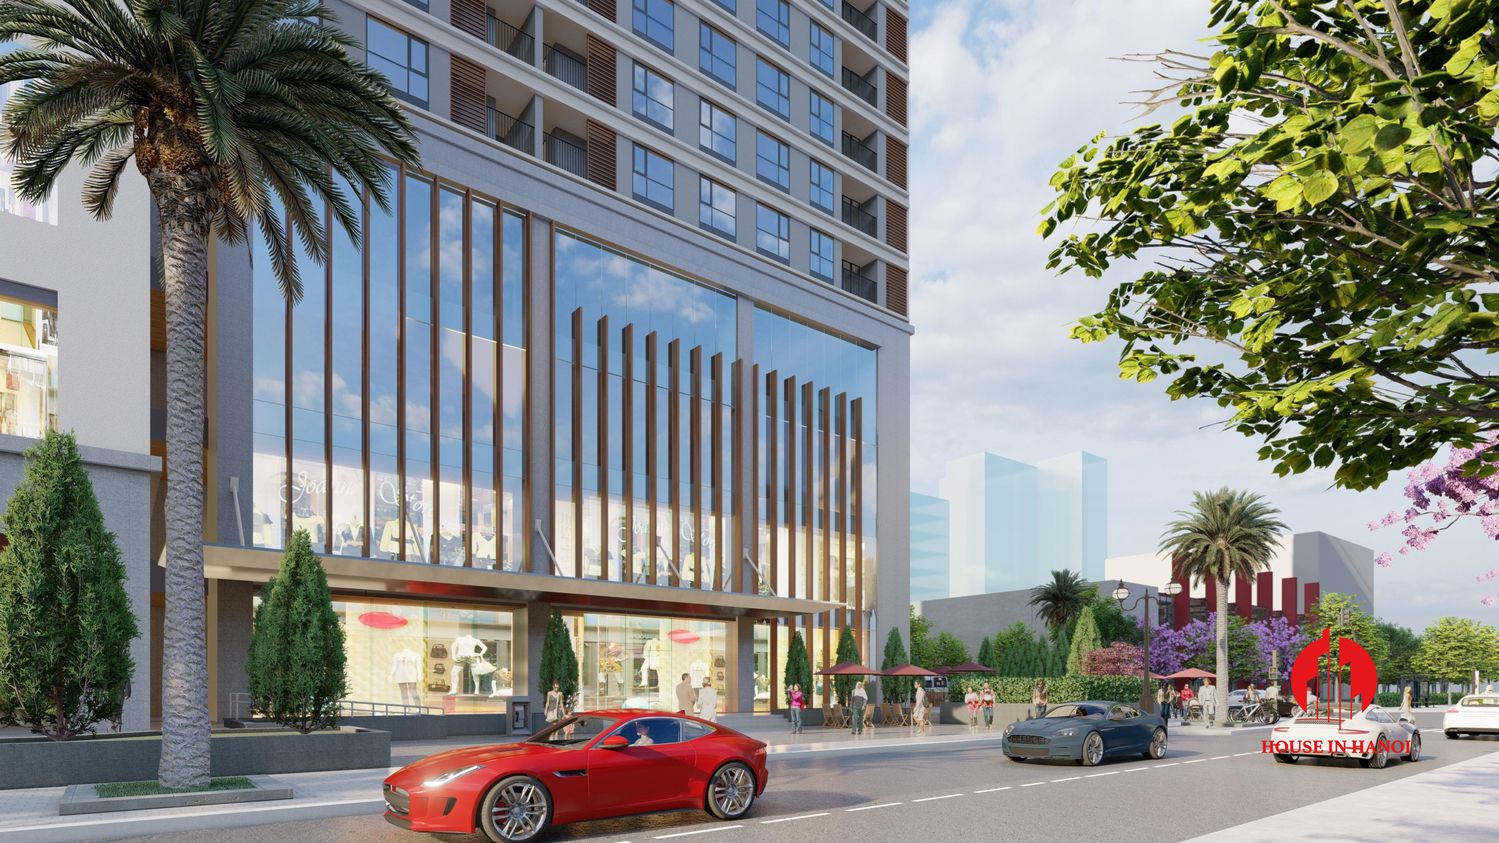 bán dự án chung cư căn hộ harmony square 4